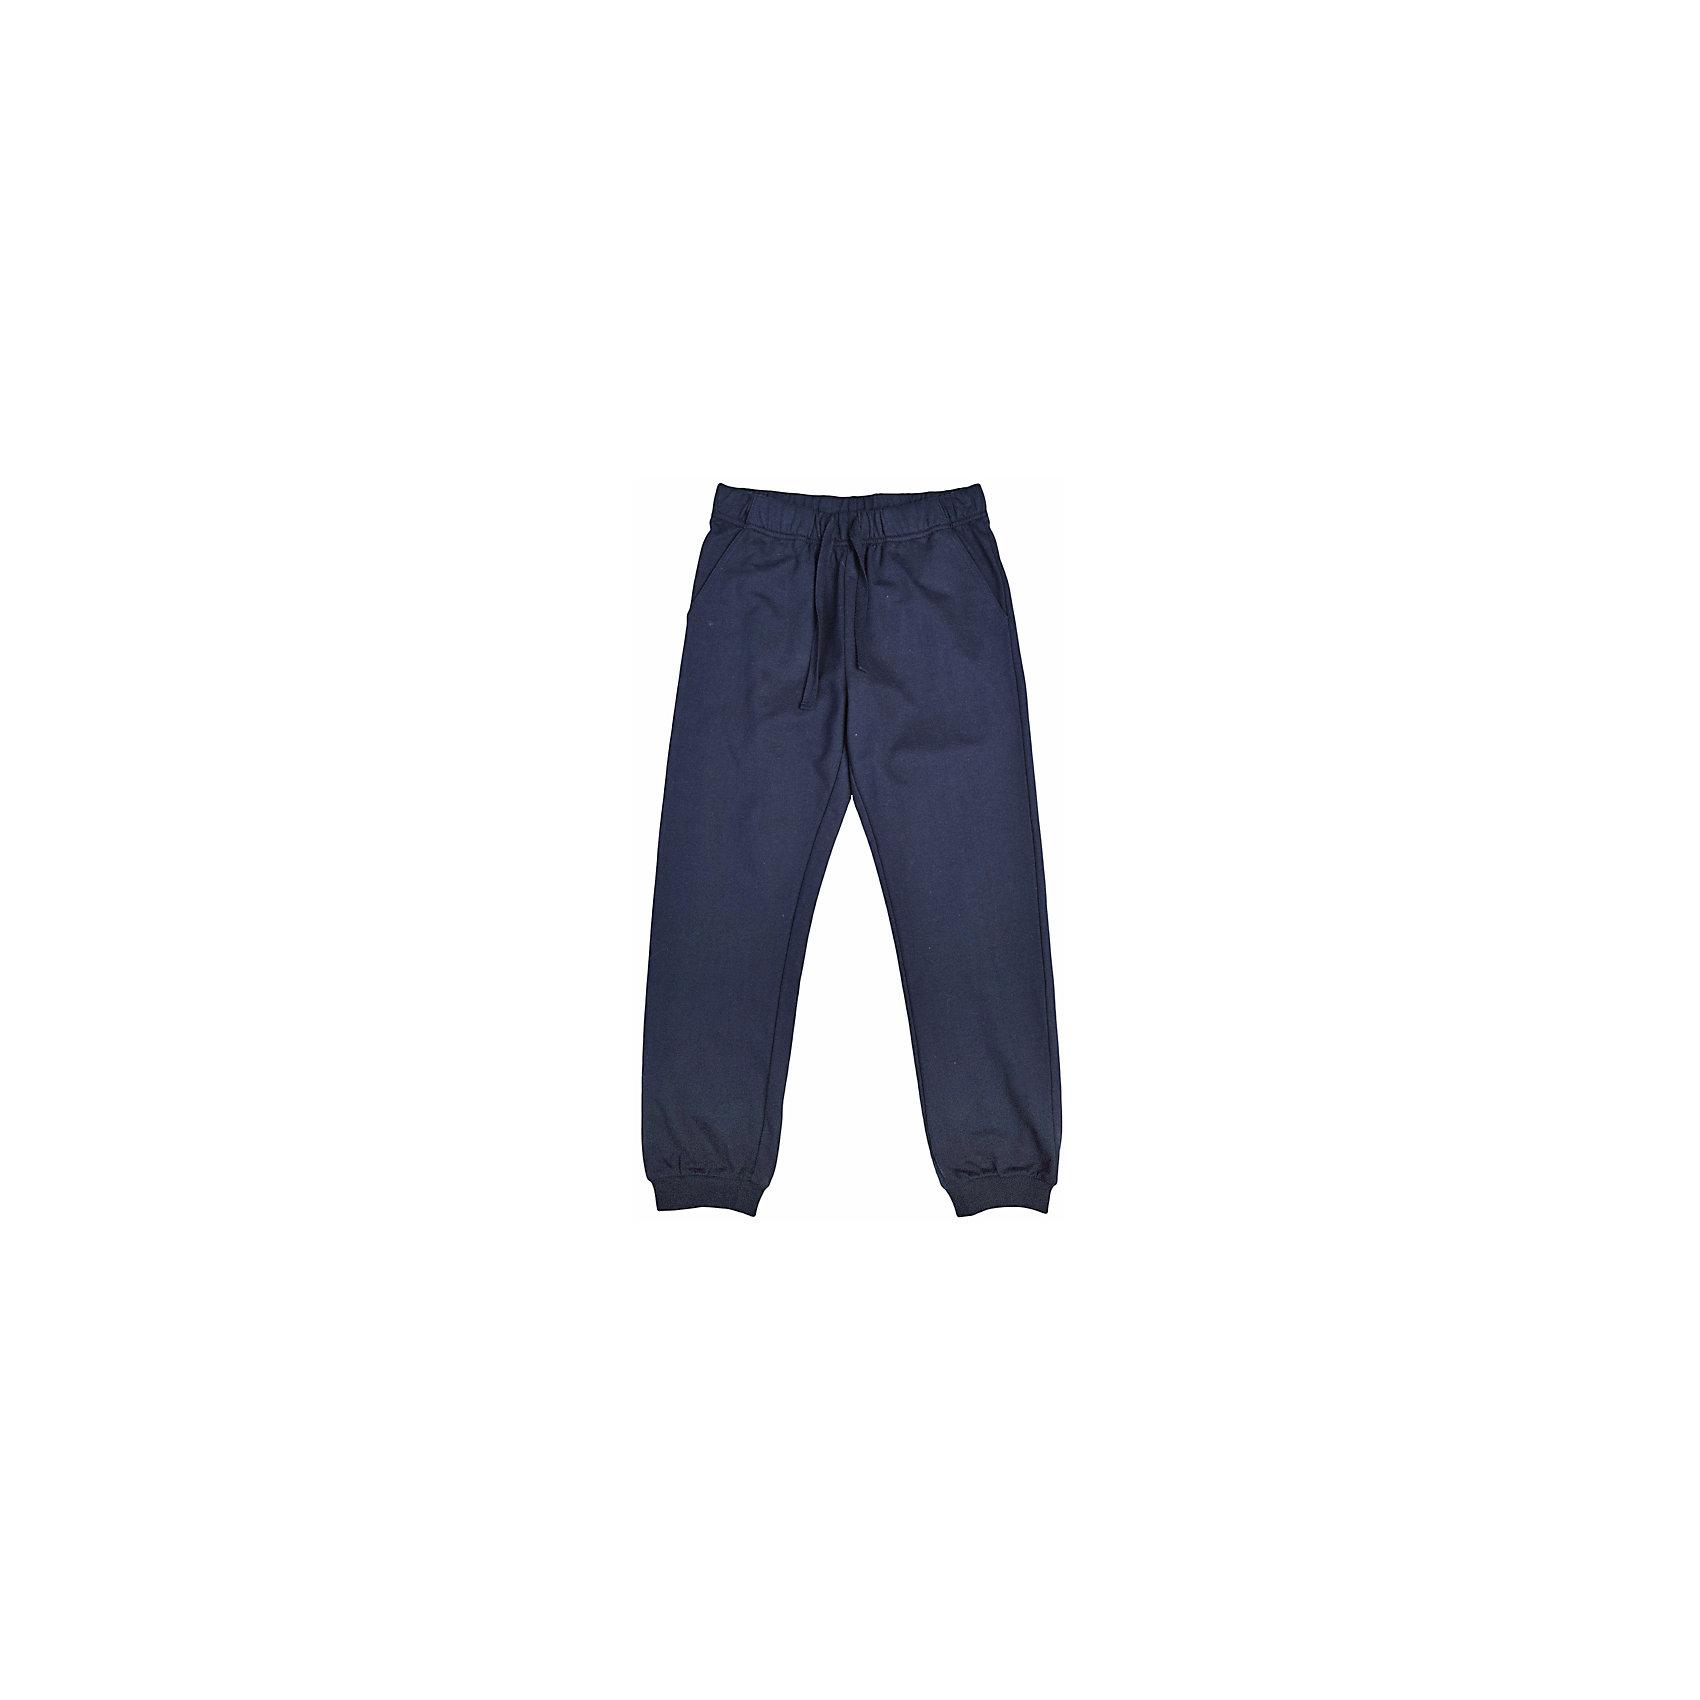 Брюки для мальчика ScoolБрюки для мальчика из коллекции «Скорость» от известного бренда Scool. Стильные мягкие спортивные брюки приятного темно-синего цвета сделаны из хлопка. Брюки на резинке, со шнурком, имеют 2 кармана, прекрасно подойдут к футболкам и толстовкам.<br><br>Дополнительная информация:<br>- Силуэт прямой <br><br>Состав: 80% хлопок, 20% полиэстер<br><br>Брюки для мальчиков Scool можно купить в нашем интернет-магазине.<br>.<br>Подробнее:<br>• Для детей в возрасте: от 9 до 12 лет<br>• Номер товара: 4911507<br>Страна производитель: Китай<br><br>Ширина мм: 215<br>Глубина мм: 88<br>Высота мм: 191<br>Вес г: 336<br>Цвет: синий<br>Возраст от месяцев: 144<br>Возраст до месяцев: 156<br>Пол: Мужской<br>Возраст: Детский<br>Размер: 158,140,134,152,146,164<br>SKU: 4911506